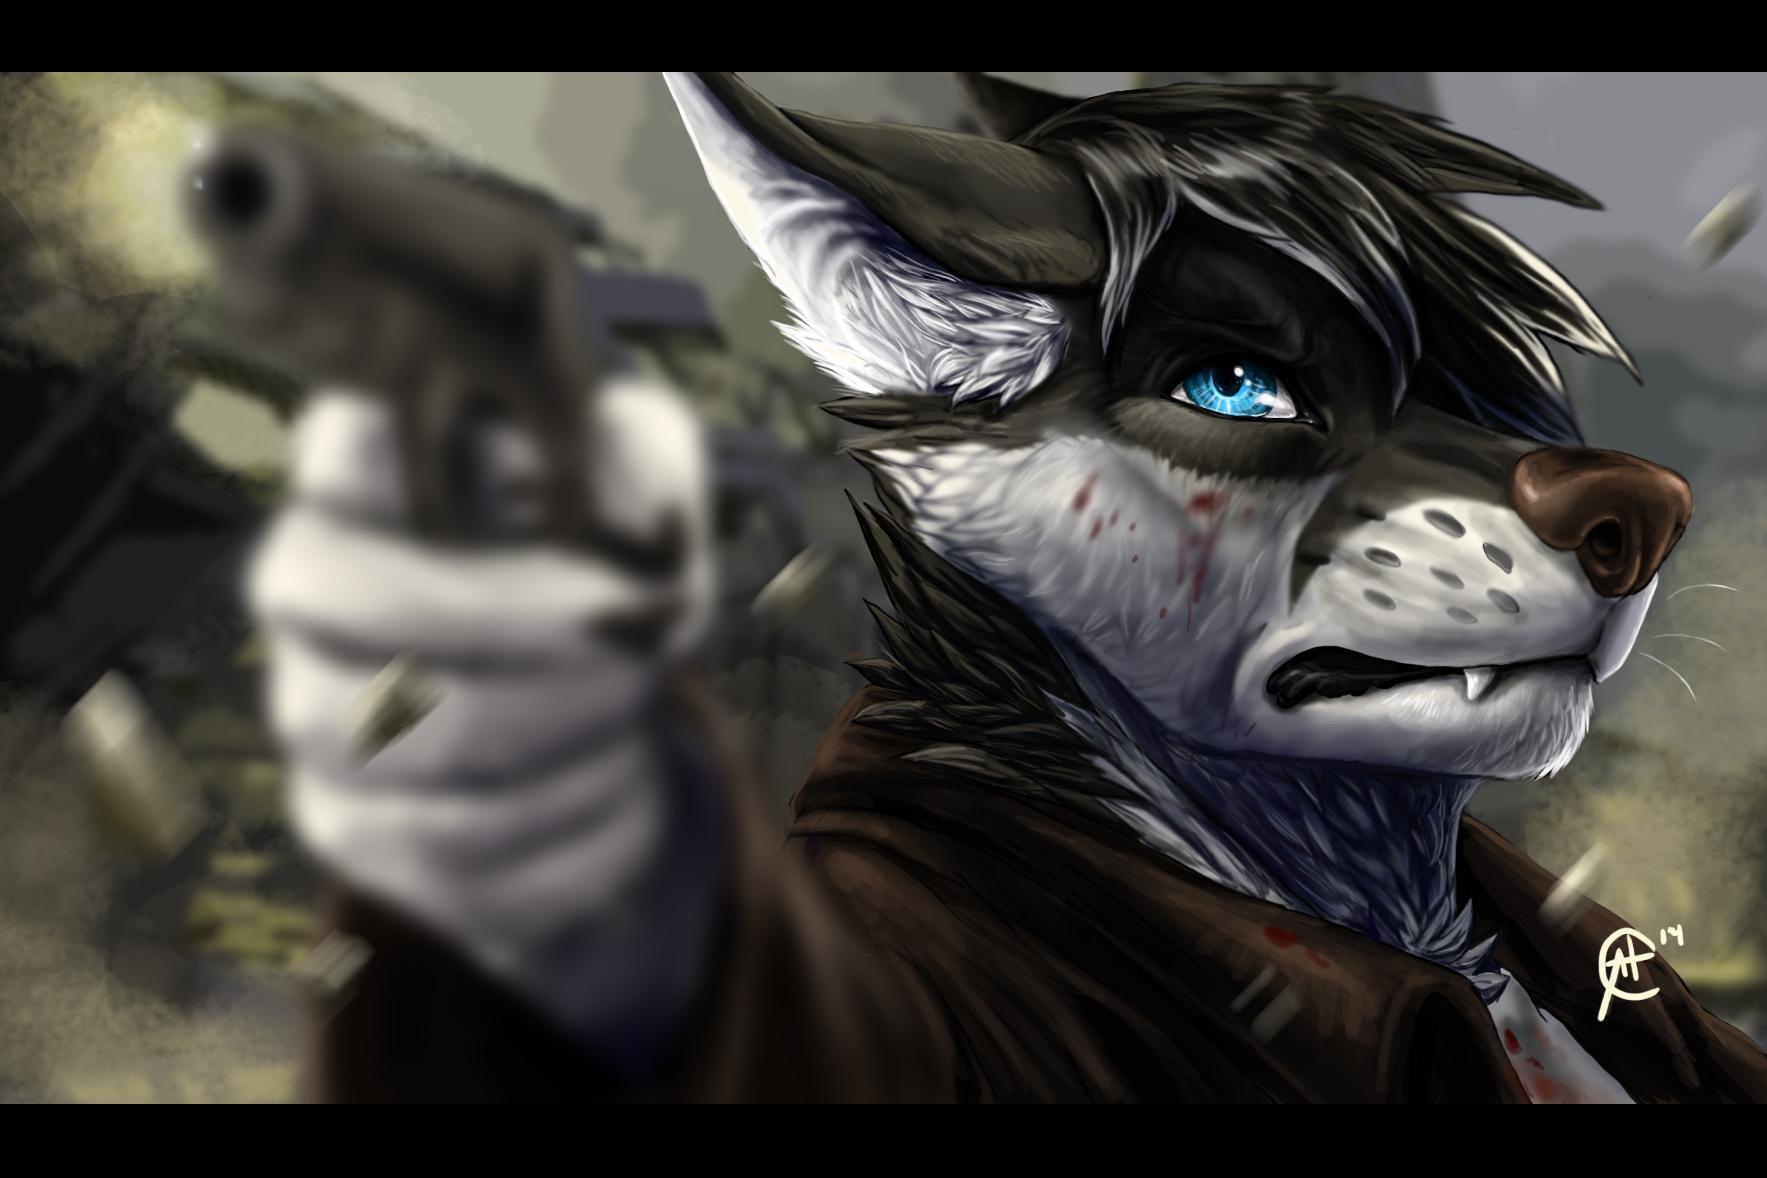 D4RK - Violence